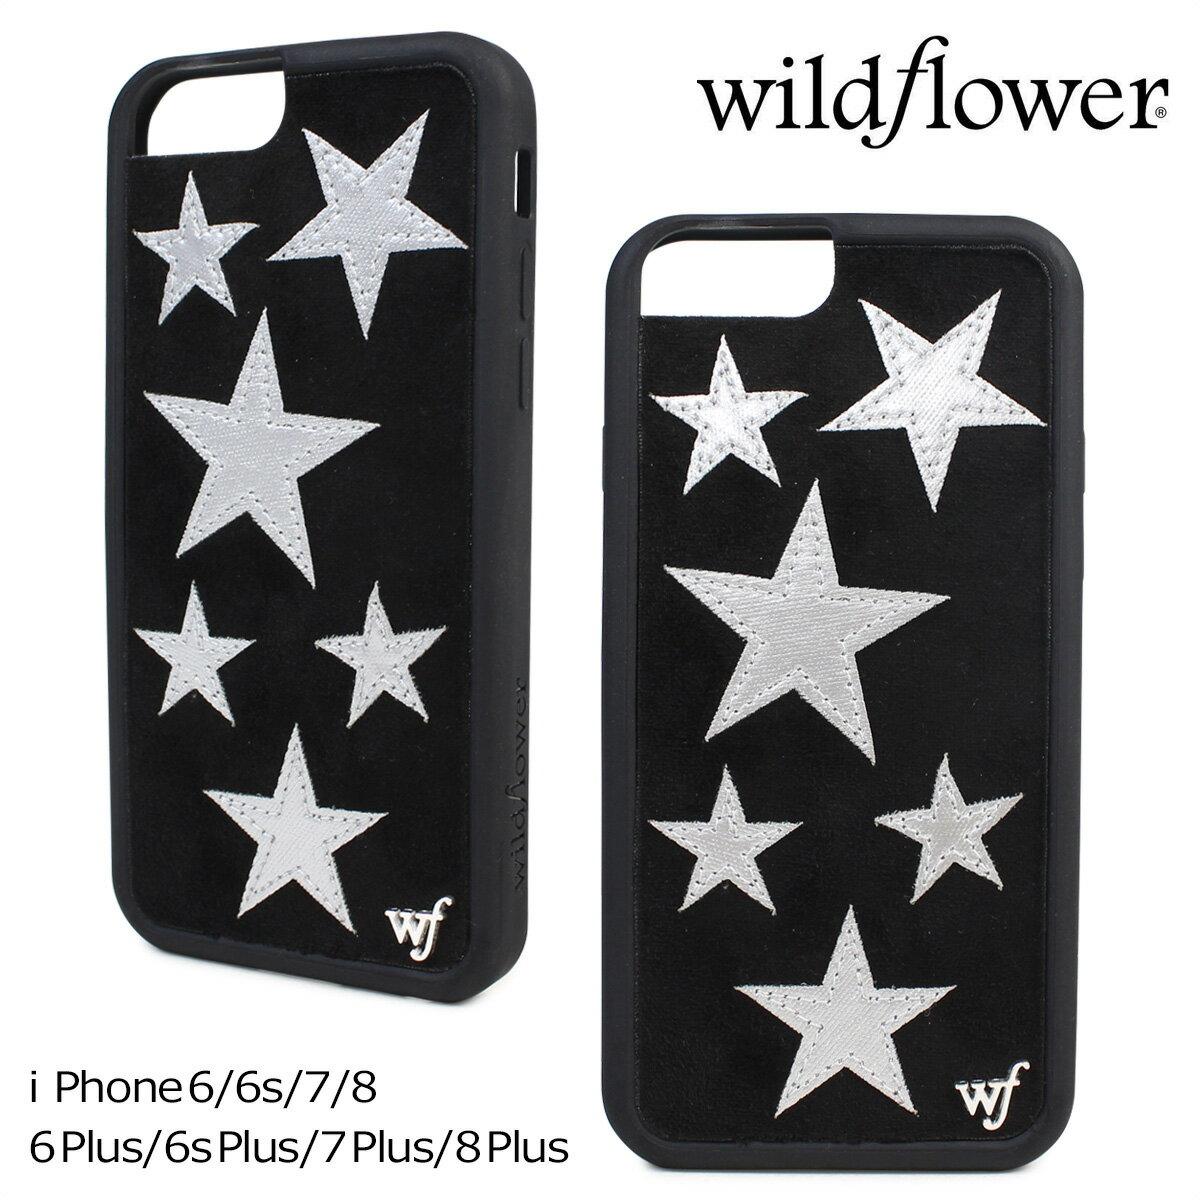 wildflower ケース スマホ iPhone8 ワイルドフラワー iPhone ケース 7 6 6sアイフォン レディース ハンドメイド [12/1 追加入荷]【ネコポス可】